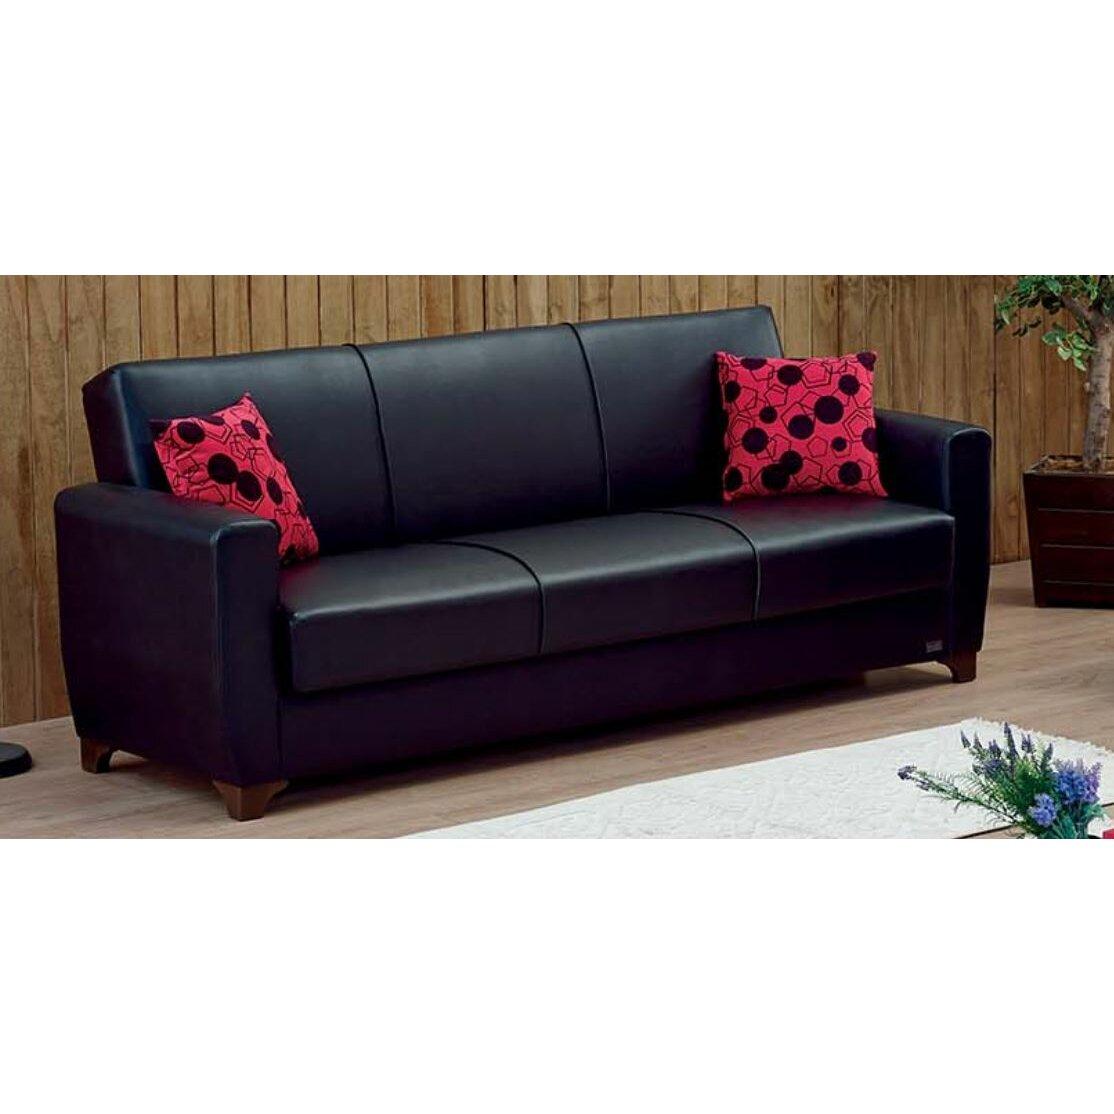 Beyan Harlem Sleeper Sofa & Reviews